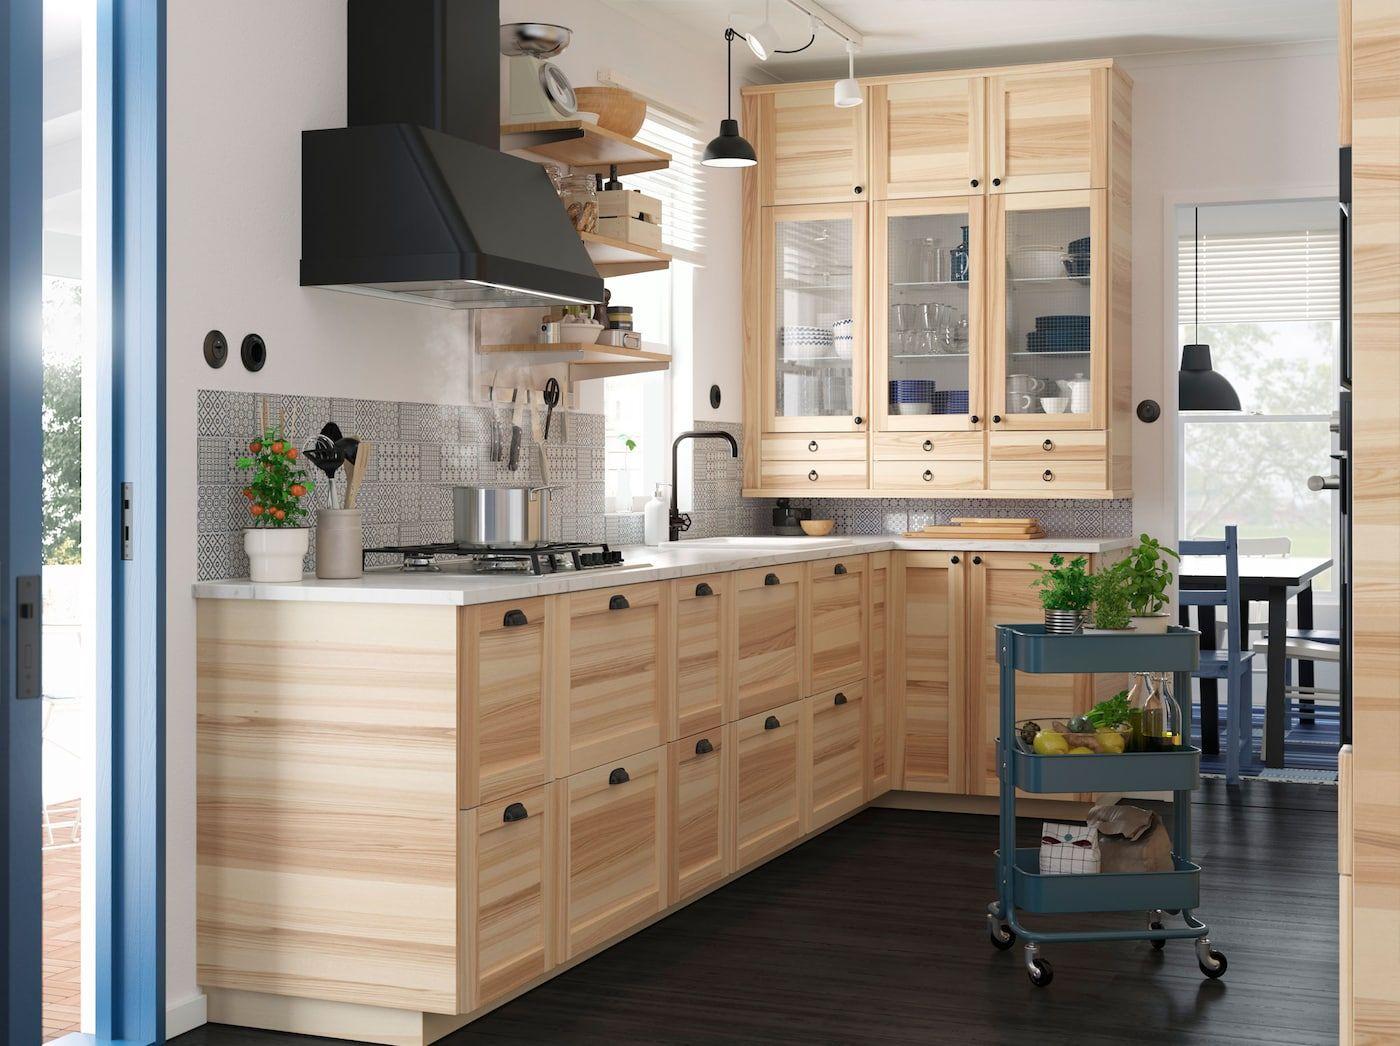 Ideen Einbauküche Ikea.de Küchenkatalog   Focus Online Aroundhome  Einbauküche Traumküche